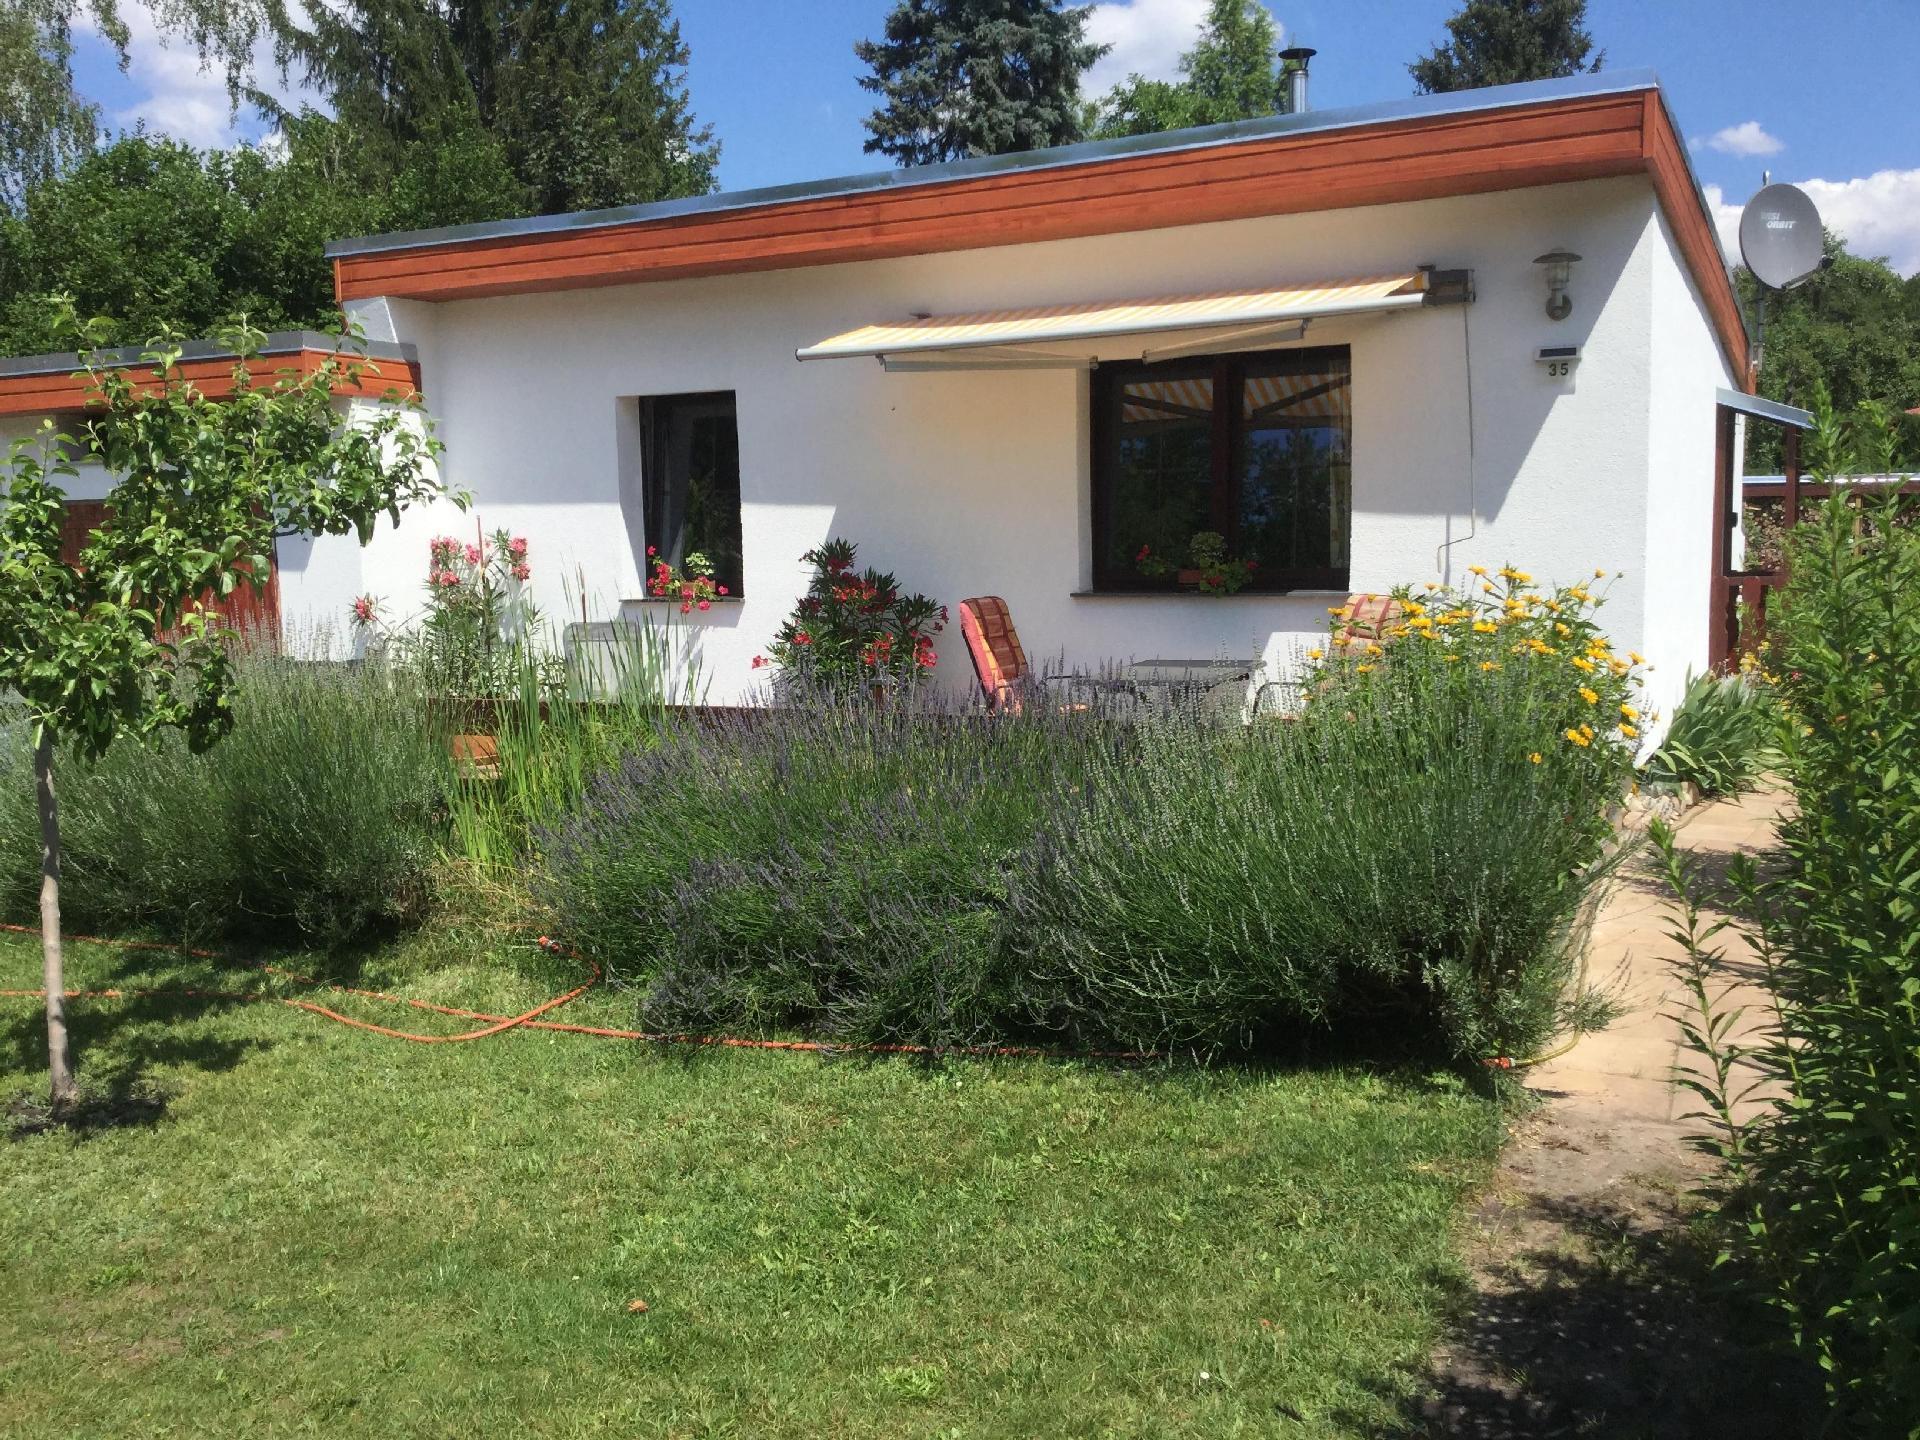 Ferienhaus für 4 Personen ca. 68 m² in R